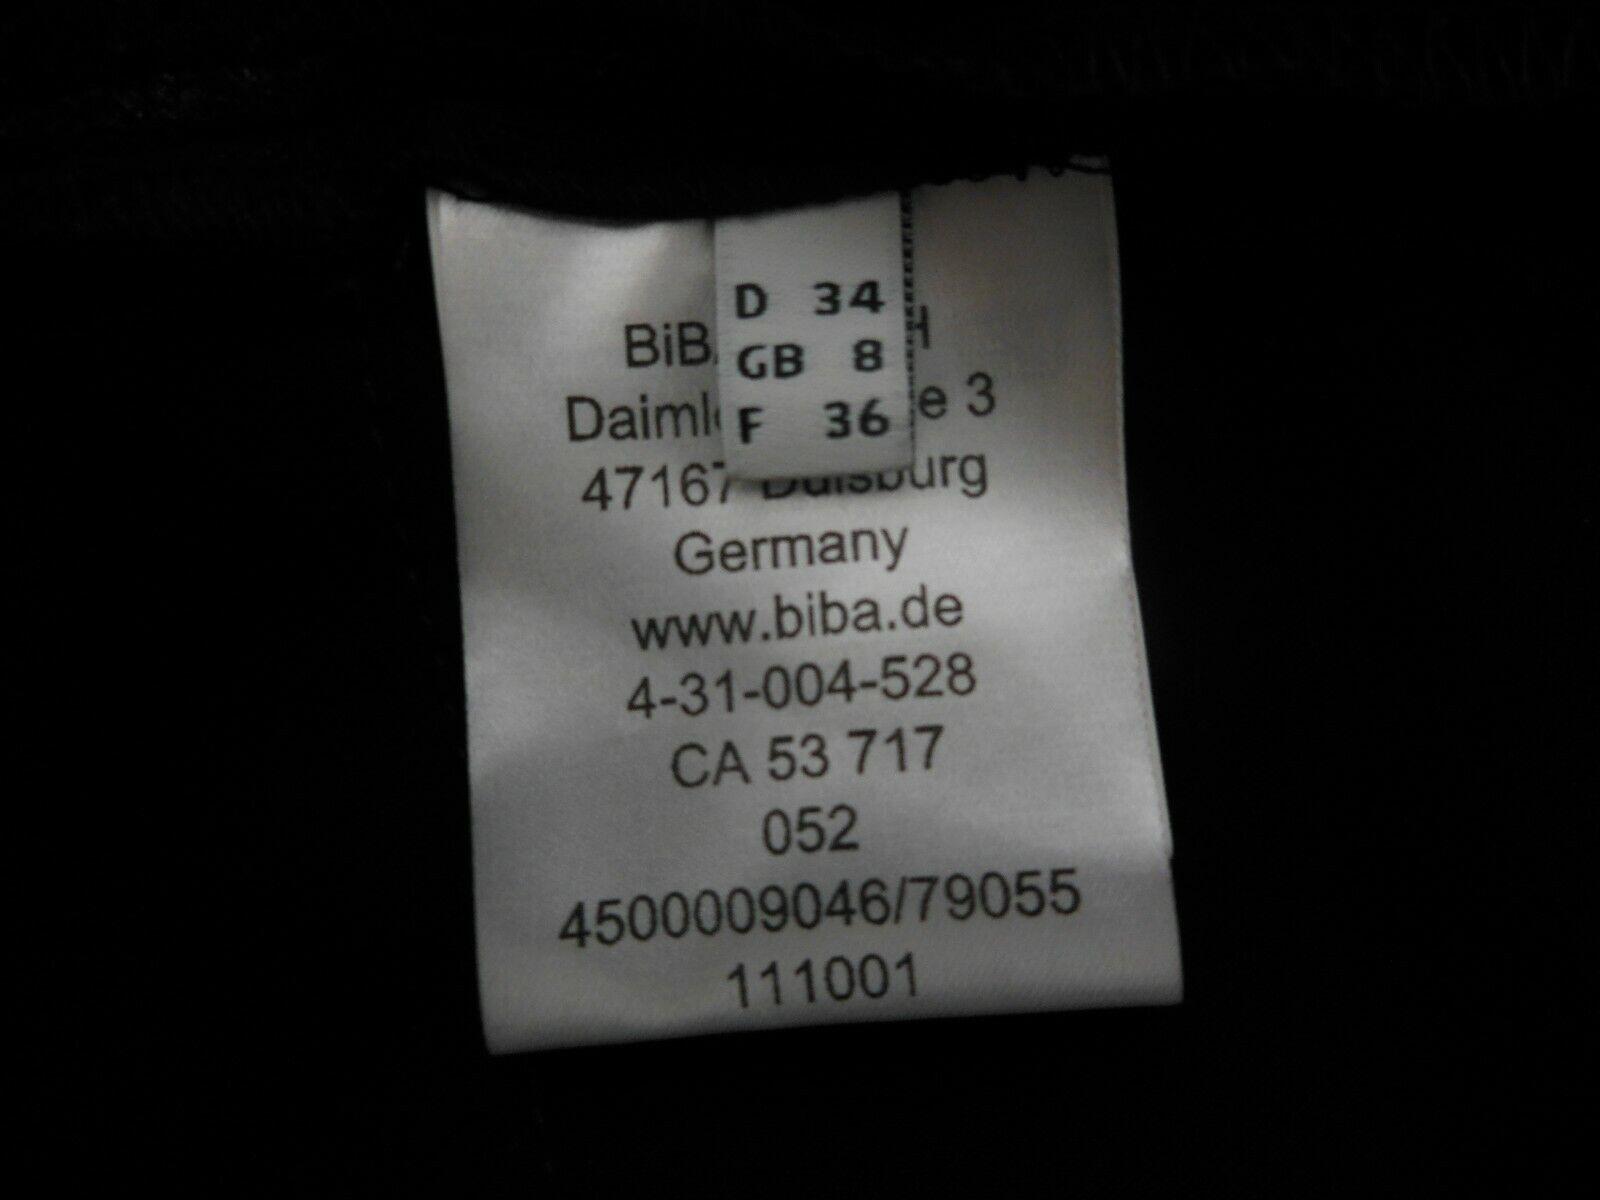 BiBA Kleid schwarz, schwarz, schwarz, gefüttert, sehr schön. NEU ohne Etikett. Gr. 36   S | Viele Sorten  | Spielzeugwelt, spielen Sie Ihre eigene Welt  | Sonderaktionen zum Jahresende  2c9654